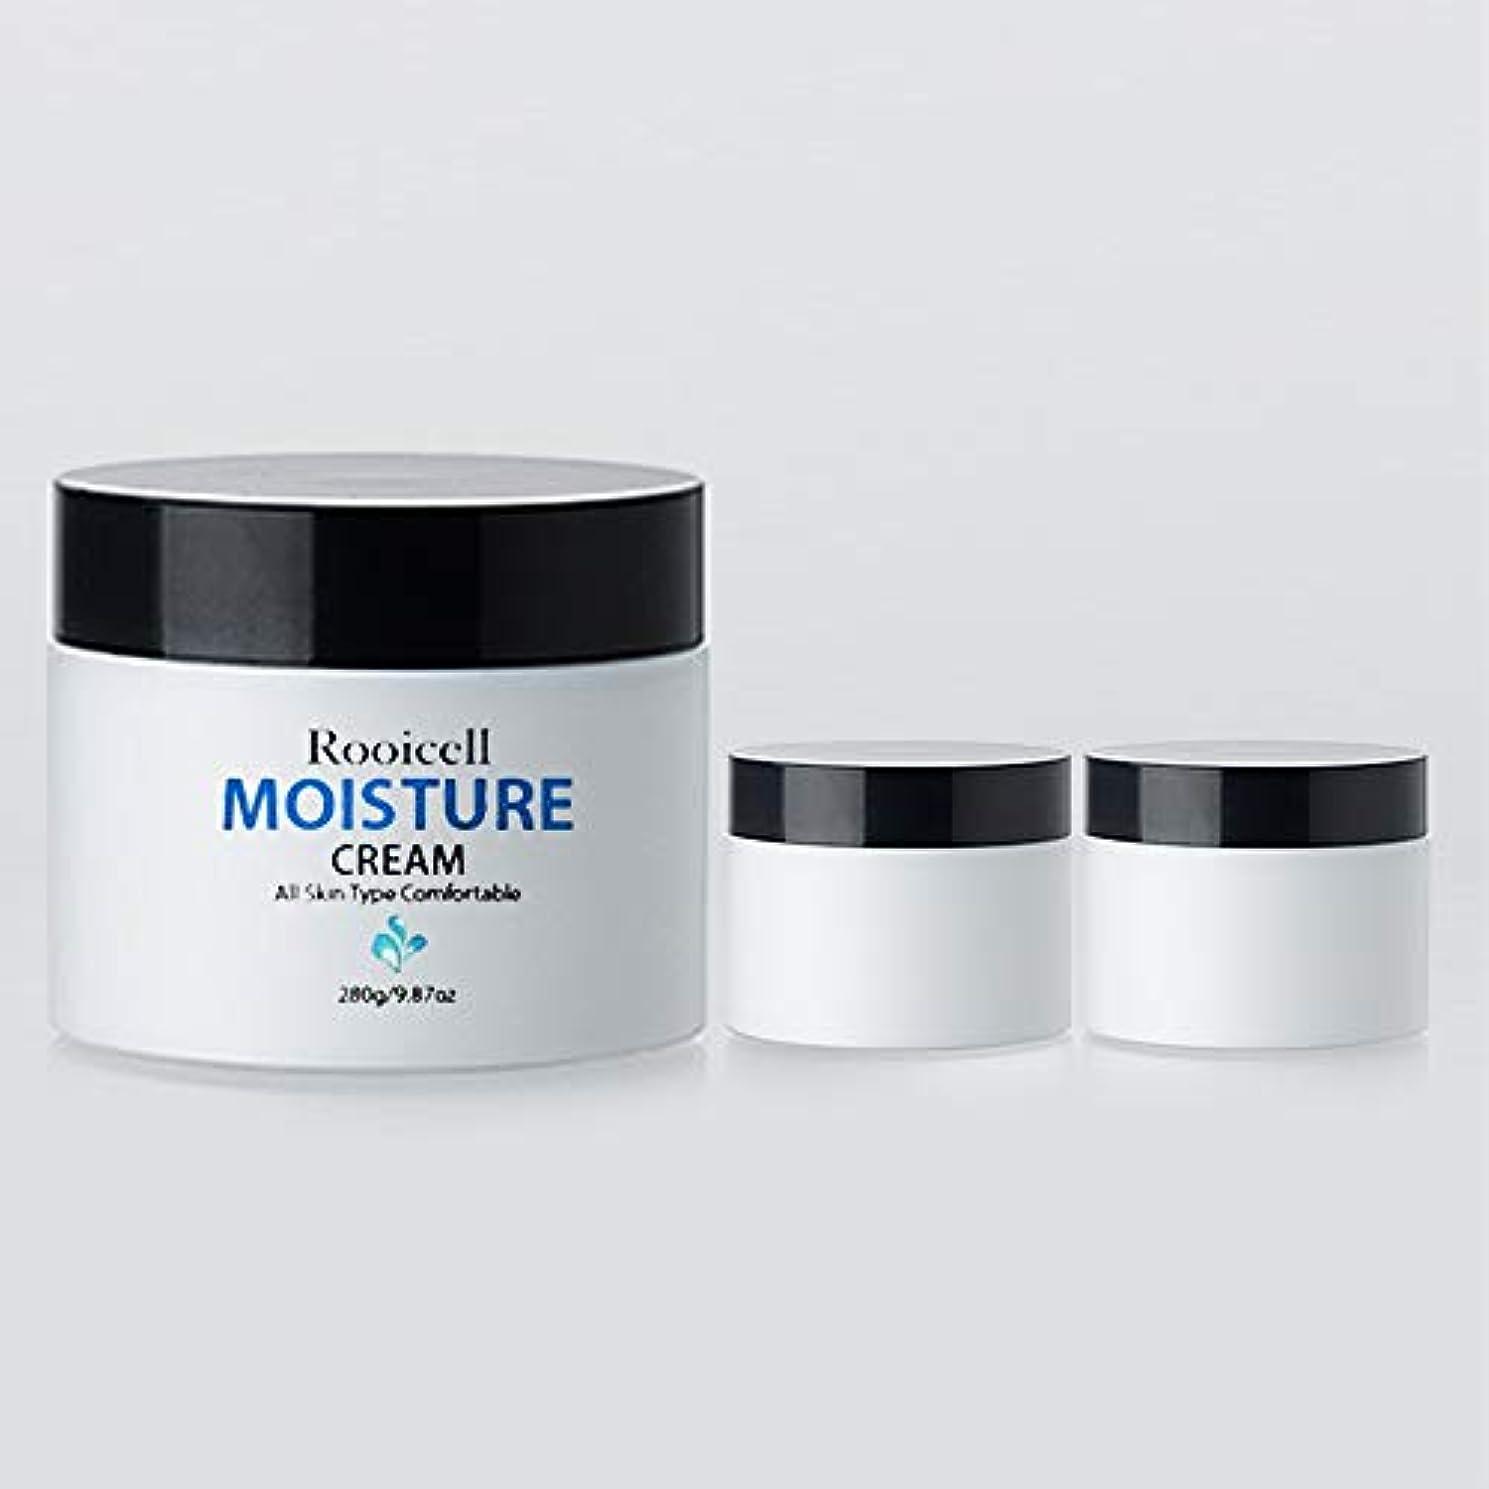 くすぐったい置くためにパック牧草地[ Rooicell ] ルイセル モイスチャークリーム 280g Korea cosmetic (moisture cream 280g)